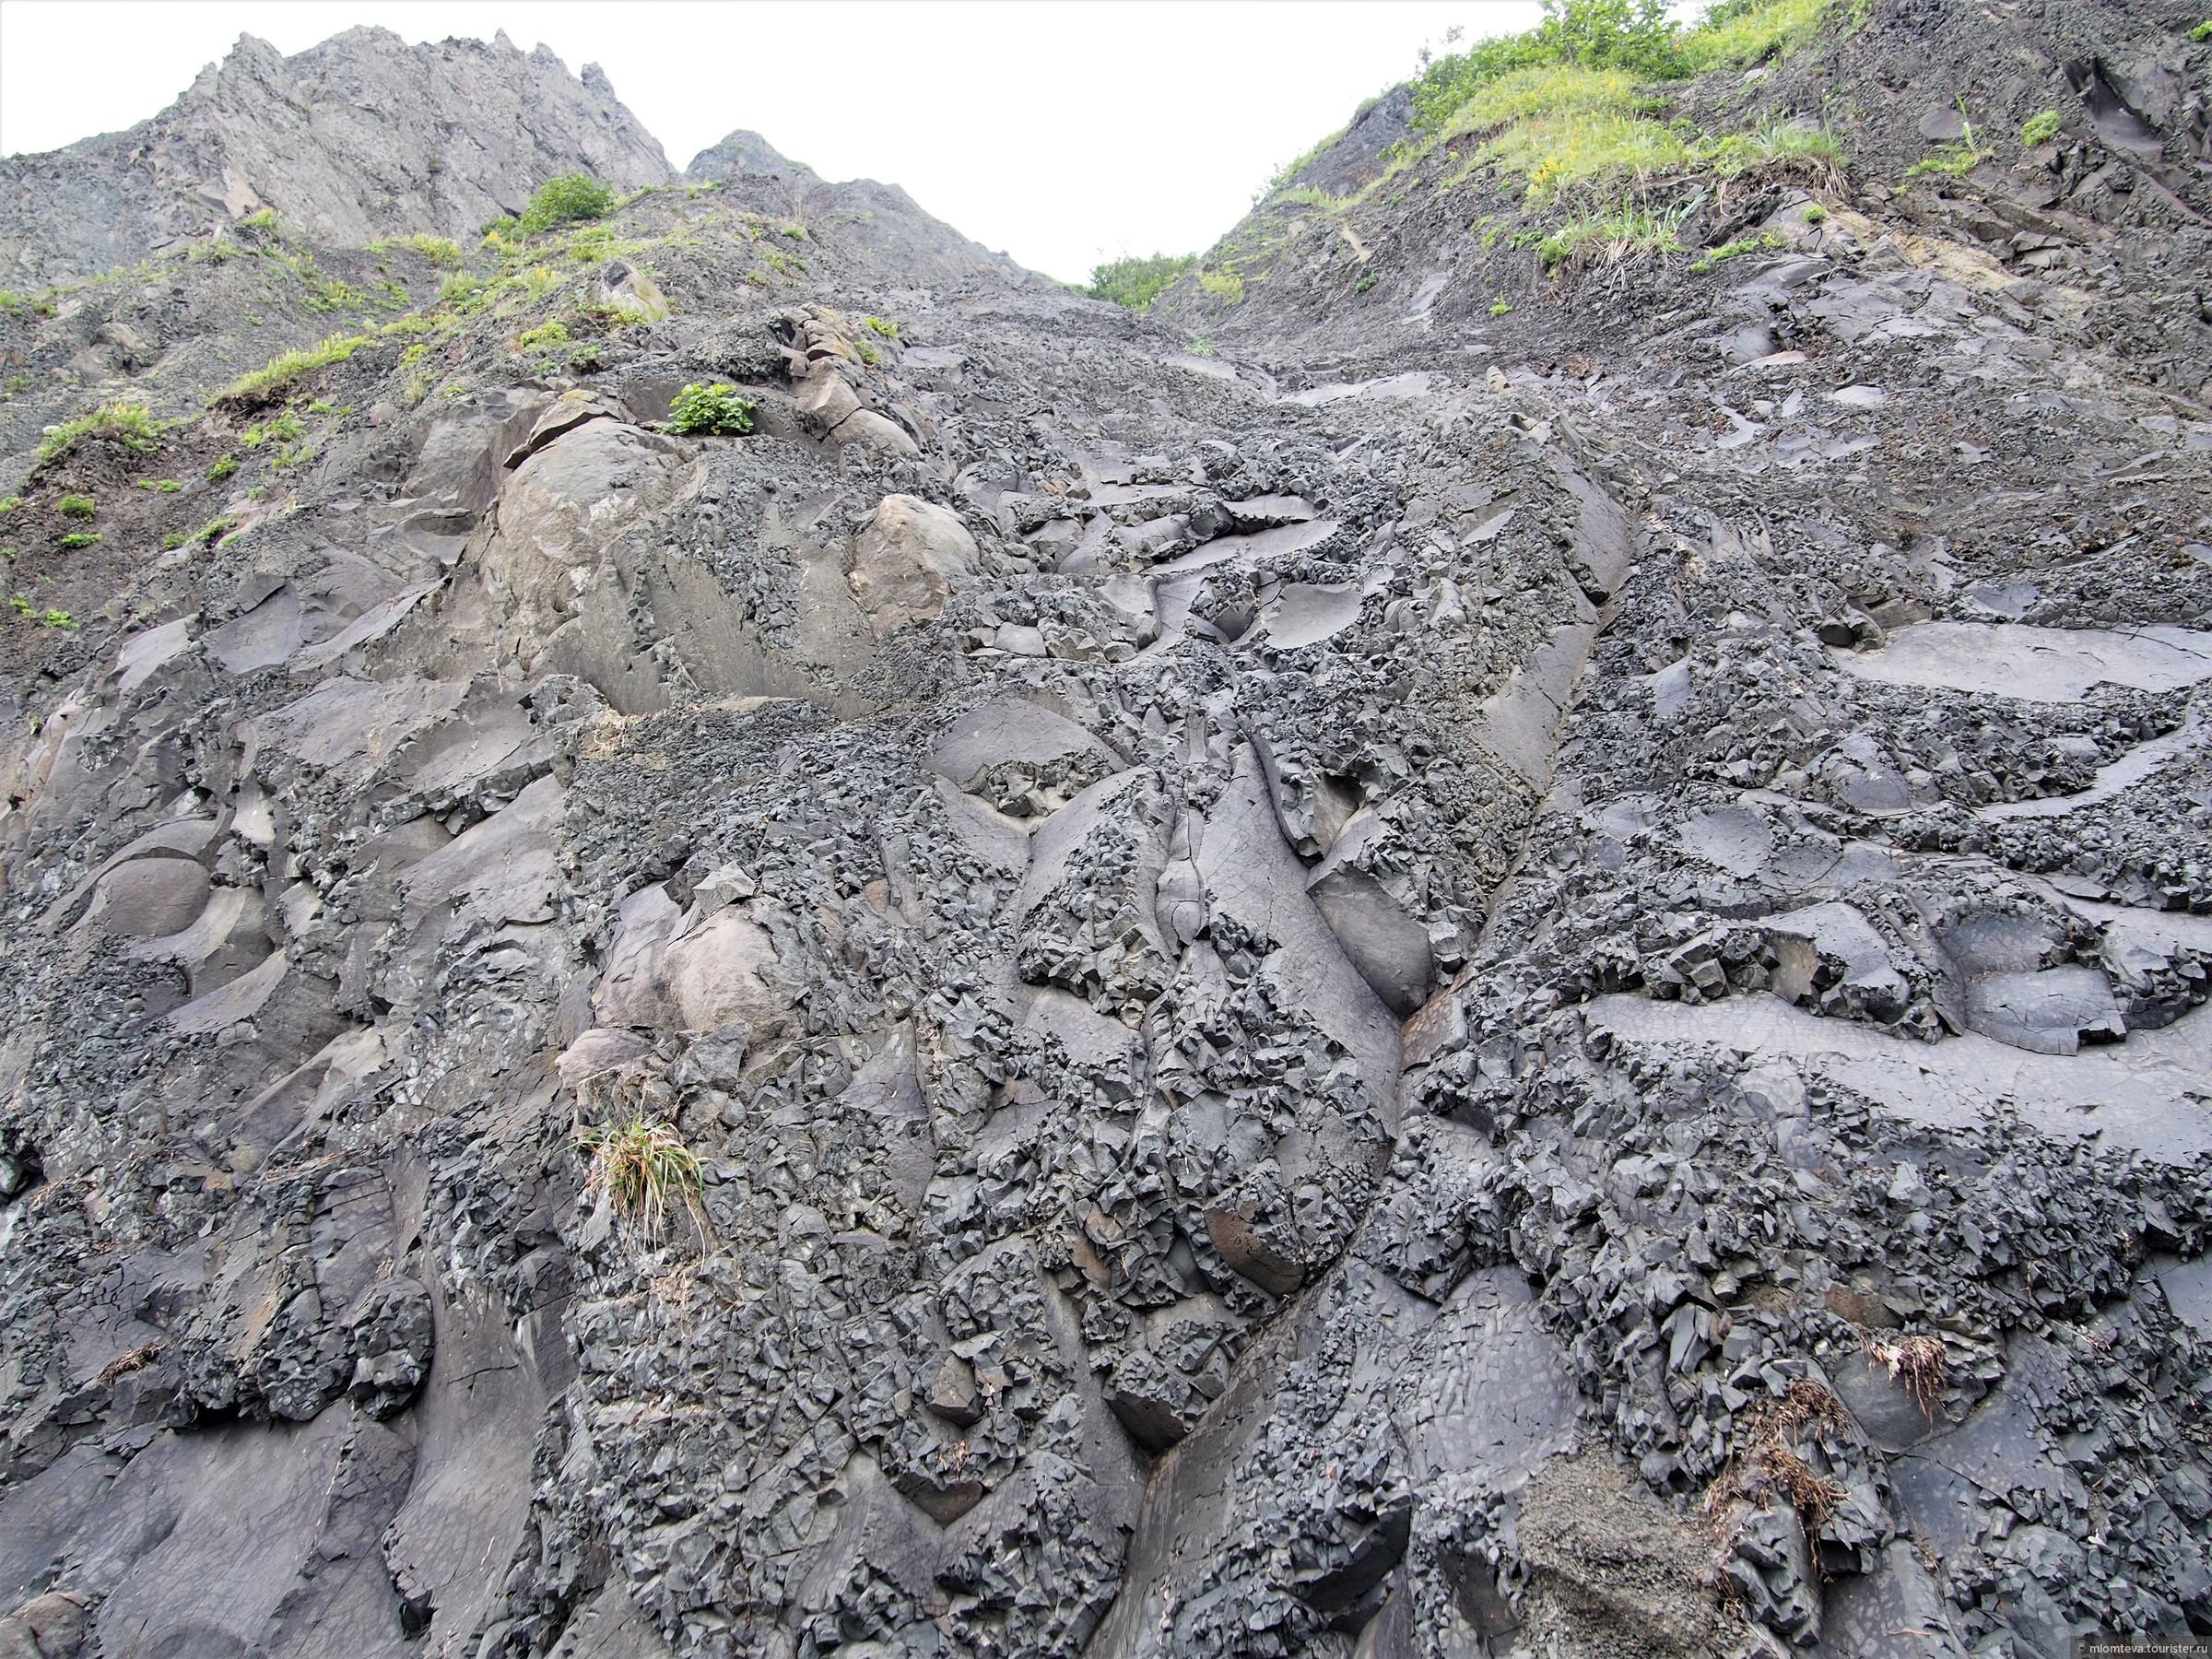 Скалы на берег, сплошь состоящие из валунов, острых осколков, конкреций.., Александровск-Сахалинский